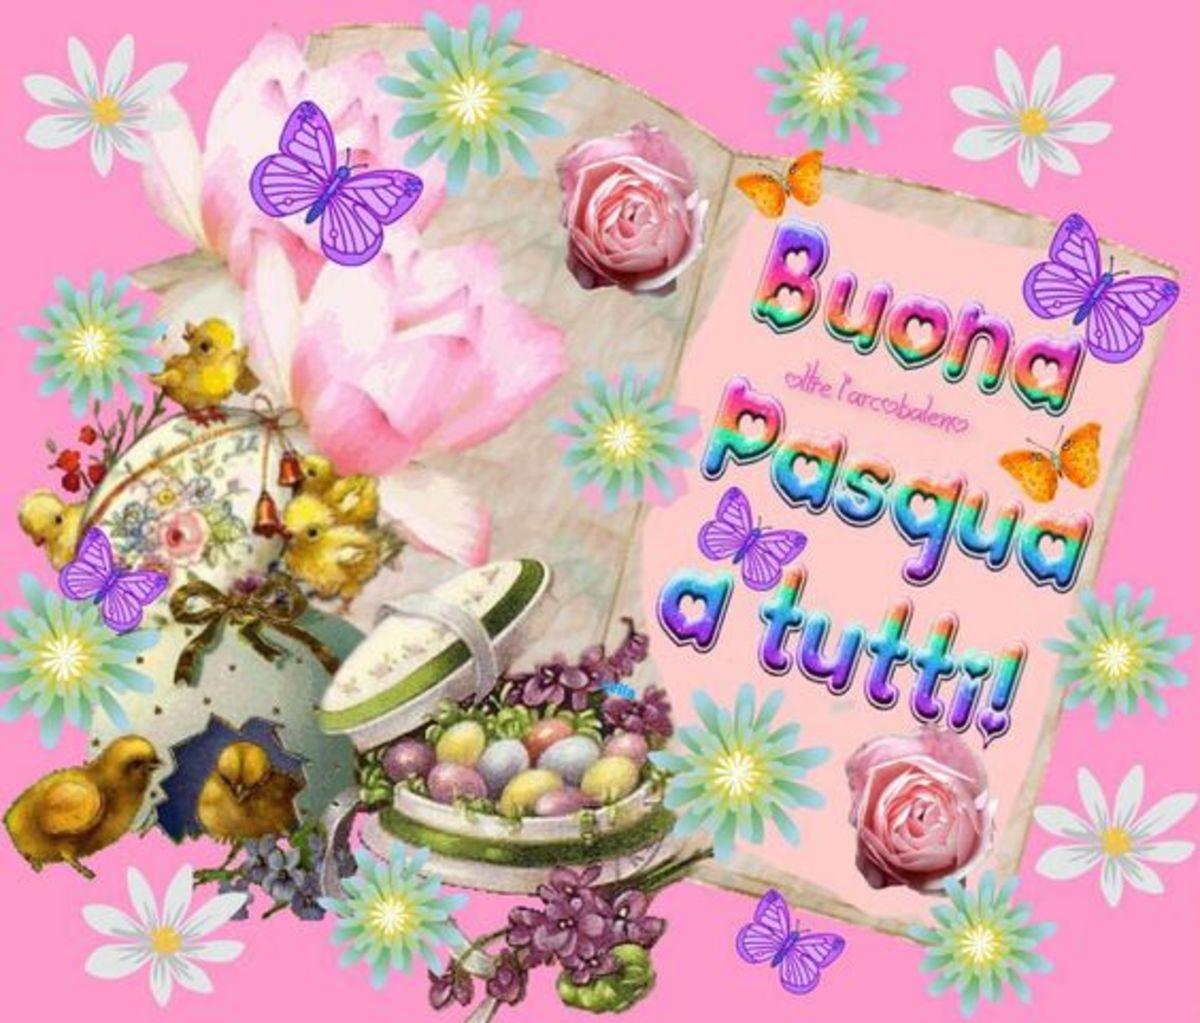 Buona Pasqua Google immagini 5289